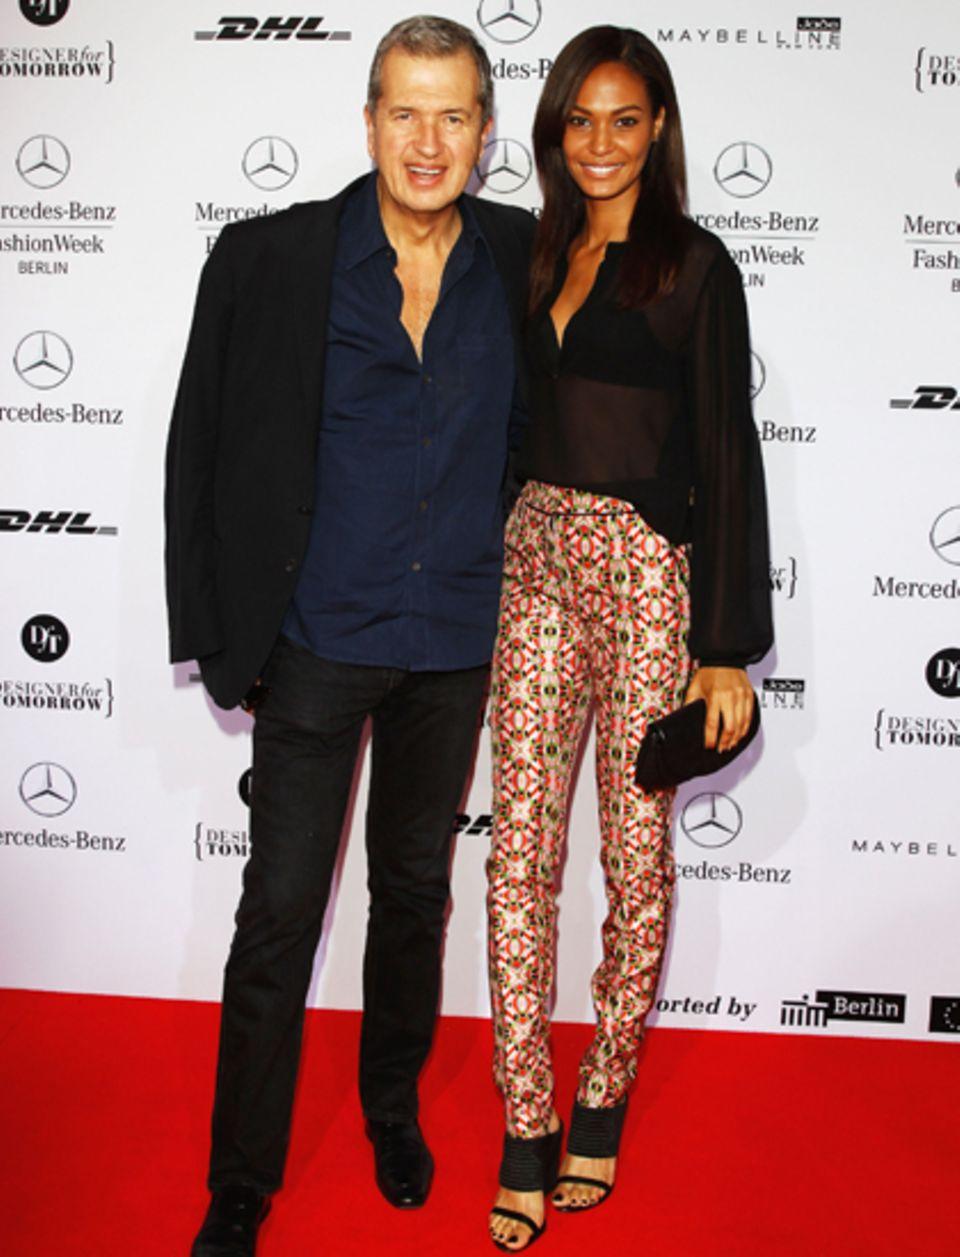 Joan Smalls, das Gesicht der Fashion Week Berlin 2012, posiert zusammen mit Star-Fotograf Mario Testino. Der Hingucker ihres Out